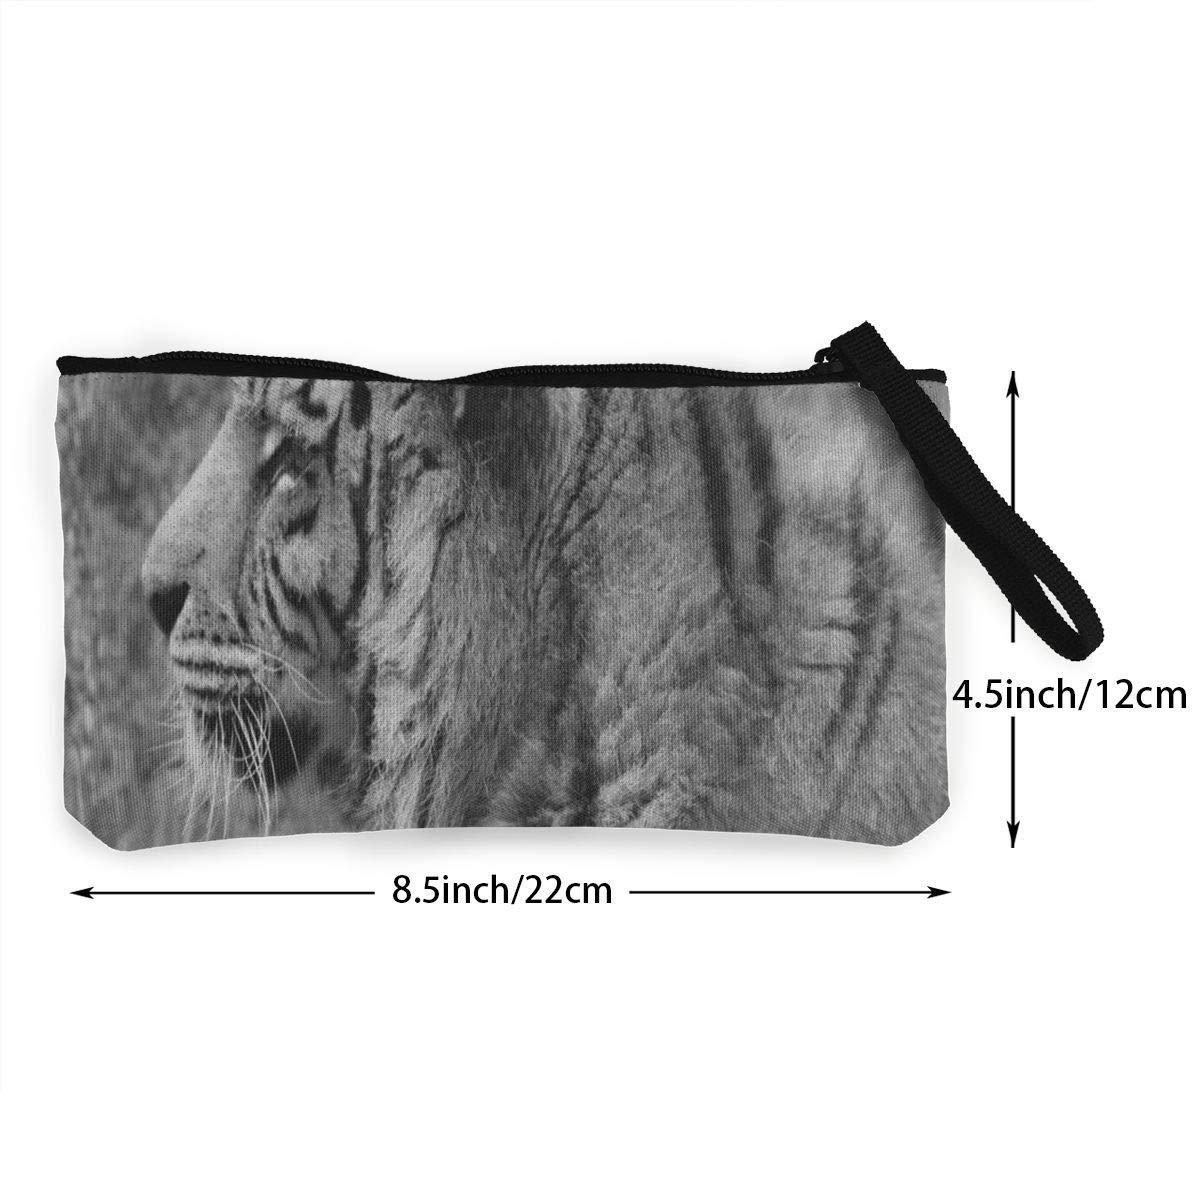 Amazon.com: Monedero de lona africano con diseño de tigre de ...